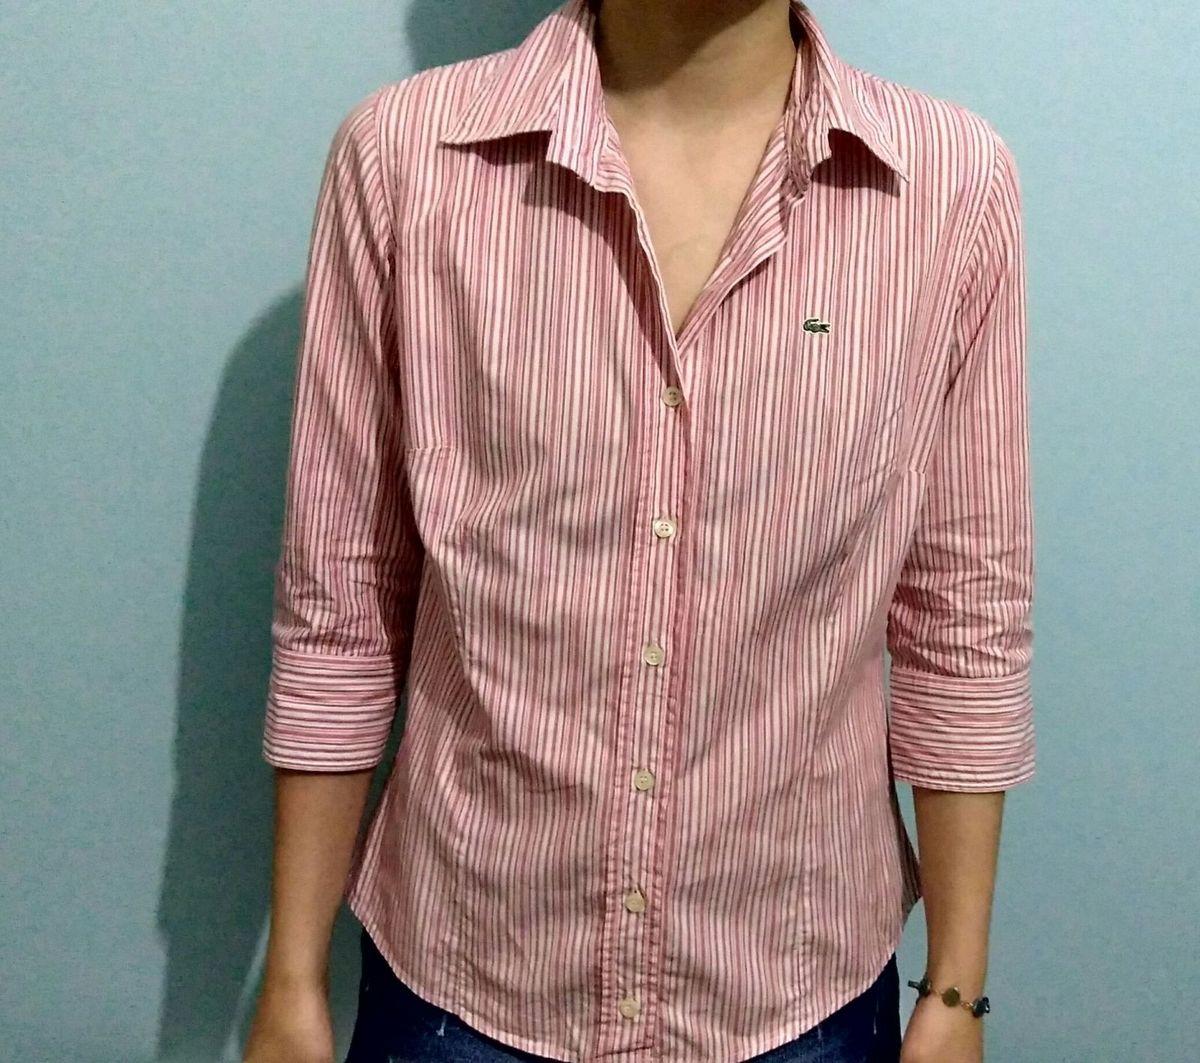 2d6da5247f9 camisa social lacoste - camisas lacoste.  Czm6ly9wag90b3muzw5qb2vplmnvbs5ici9wcm9kdwn0cy81oty4ndq0lznjnzk2yzuwyzq2nwy4ntrky2vhngfjzdq0mtfjnzg5lmpwzw  ...